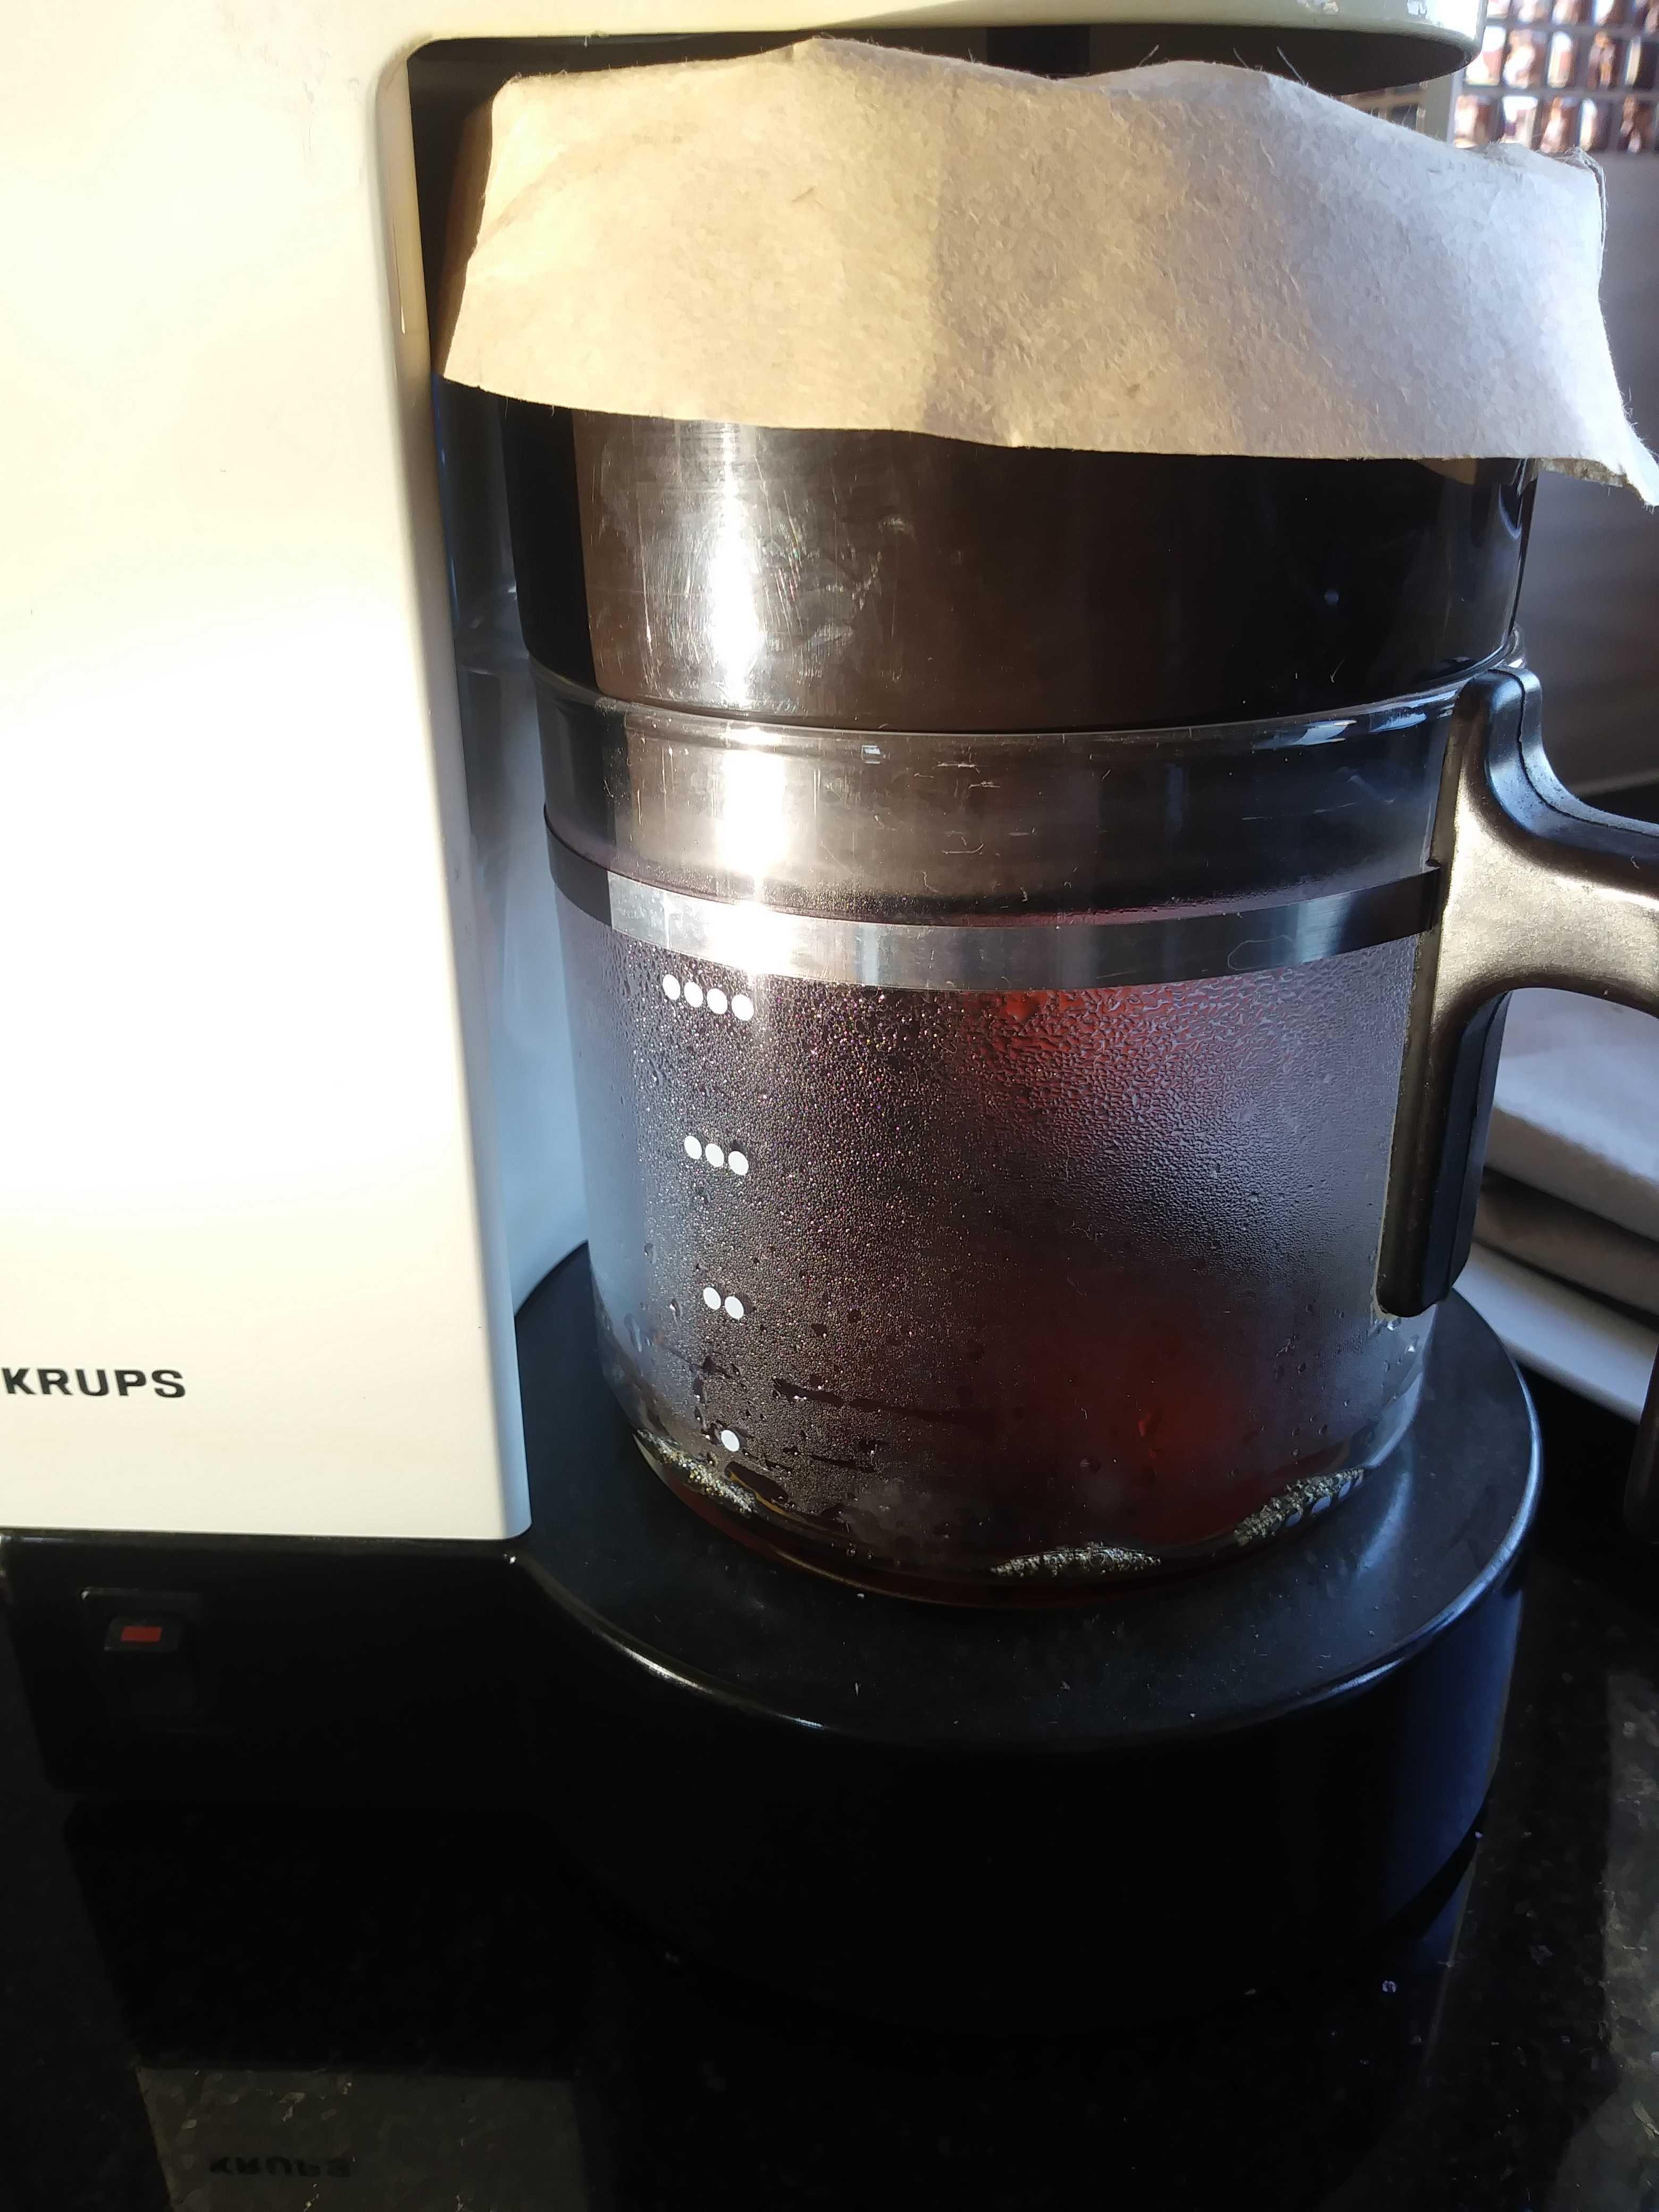 Ekspres do kawy.Bardzo prosty w obsludze